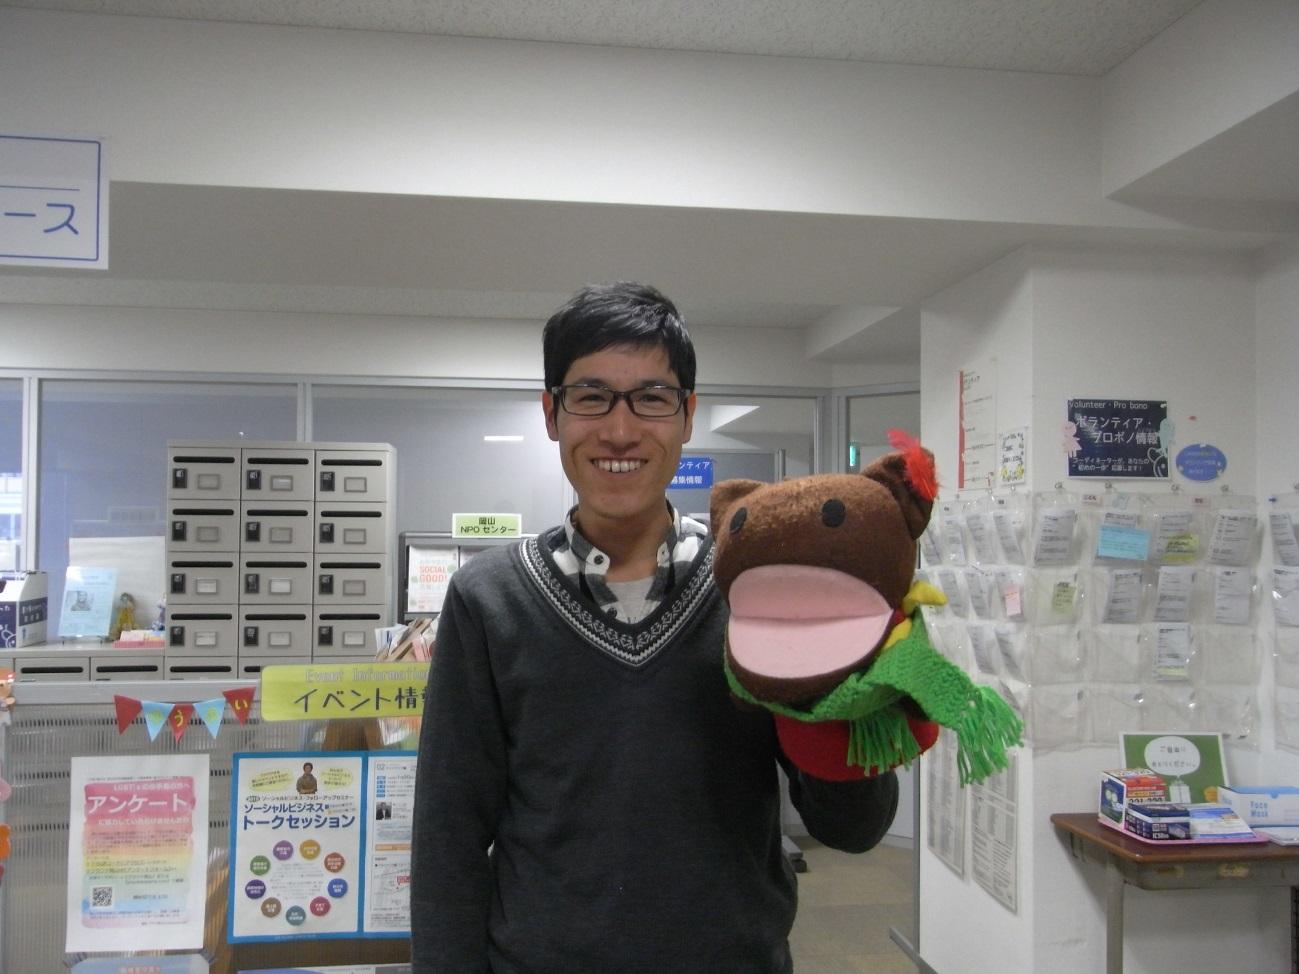 ゆうあいセンター スナップ・リレー!